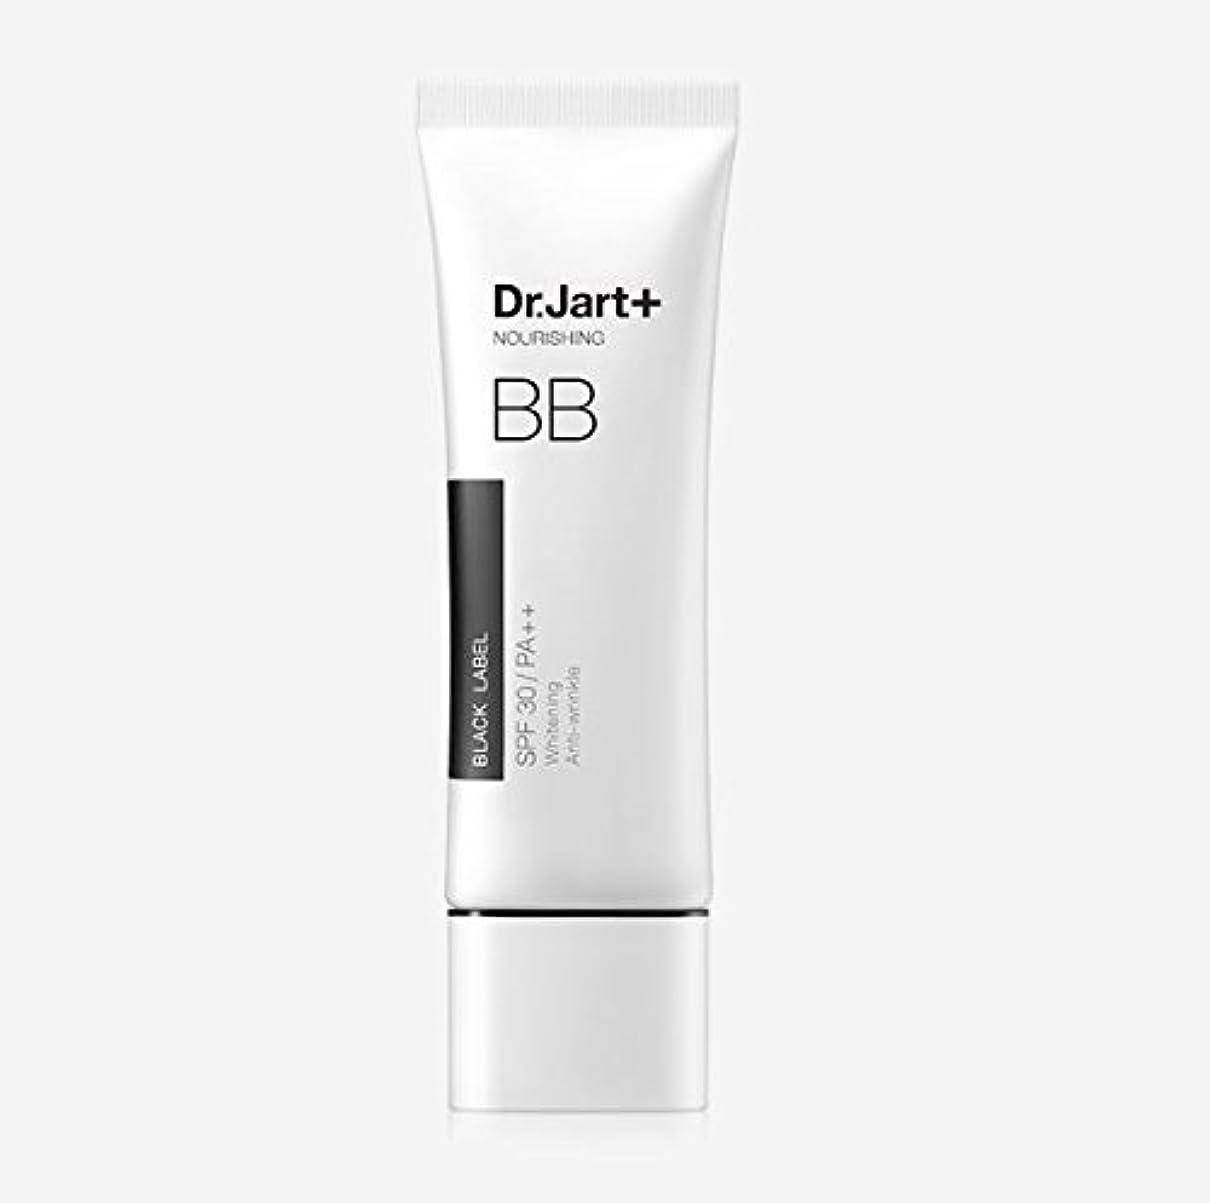 背が高い聴覚障害者加入[Dr. Jart] Black Label BB Nourishing Beauty Balm 50ml SPF30 PA++/[ドクタージャルト] ブラックラベル BB ナリーシン ビューティー バーム 50ml SPF30...